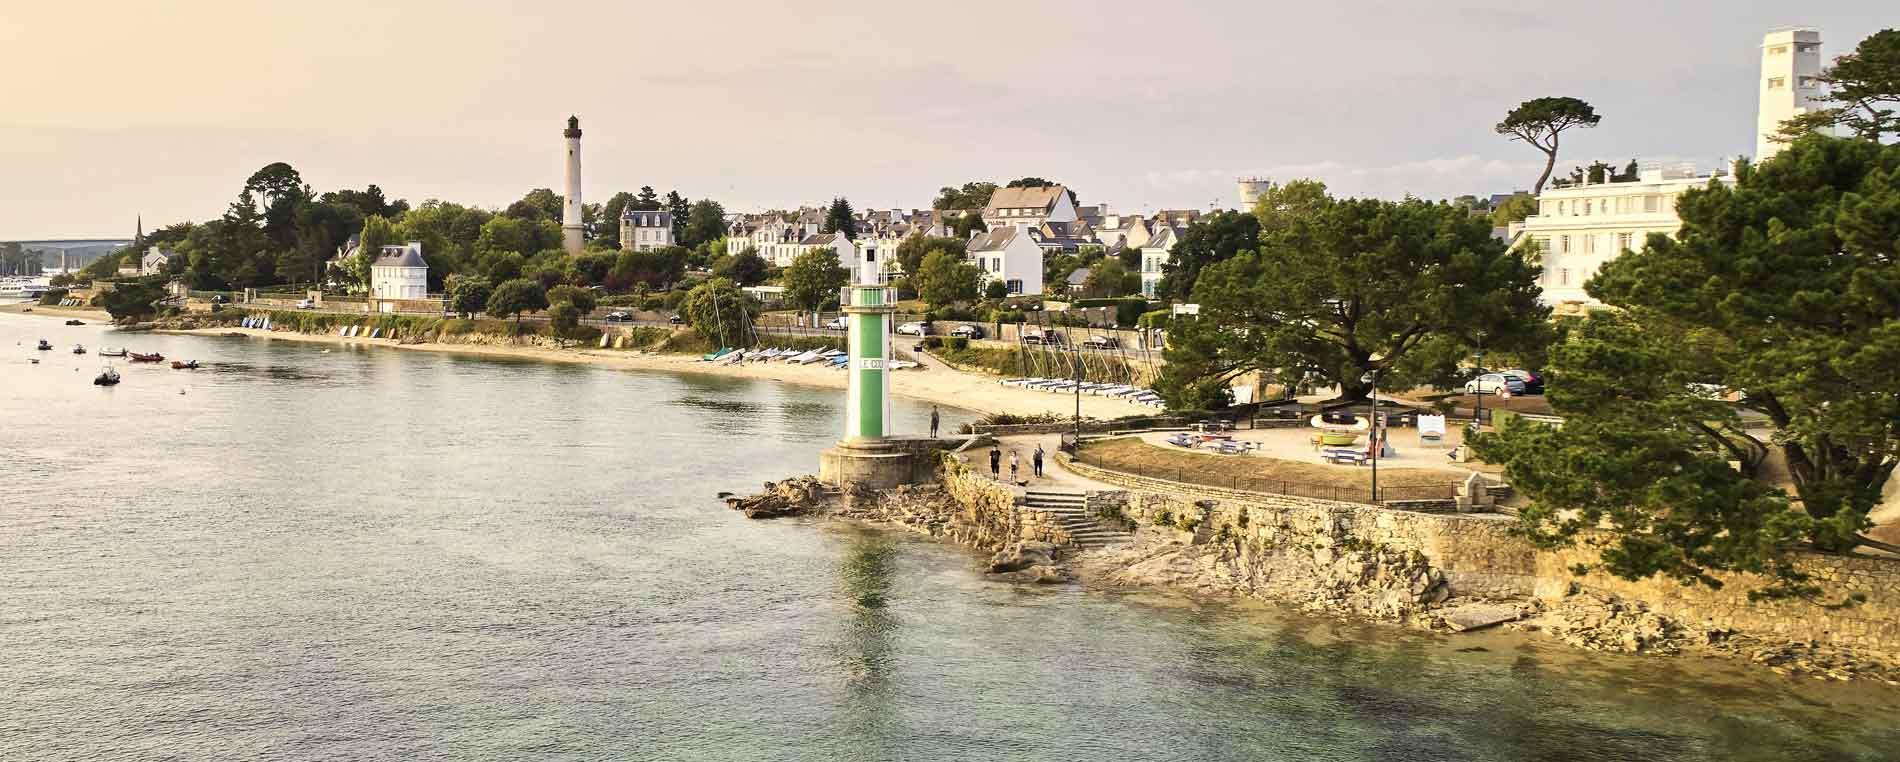 Webcam de la plage de Bénodet